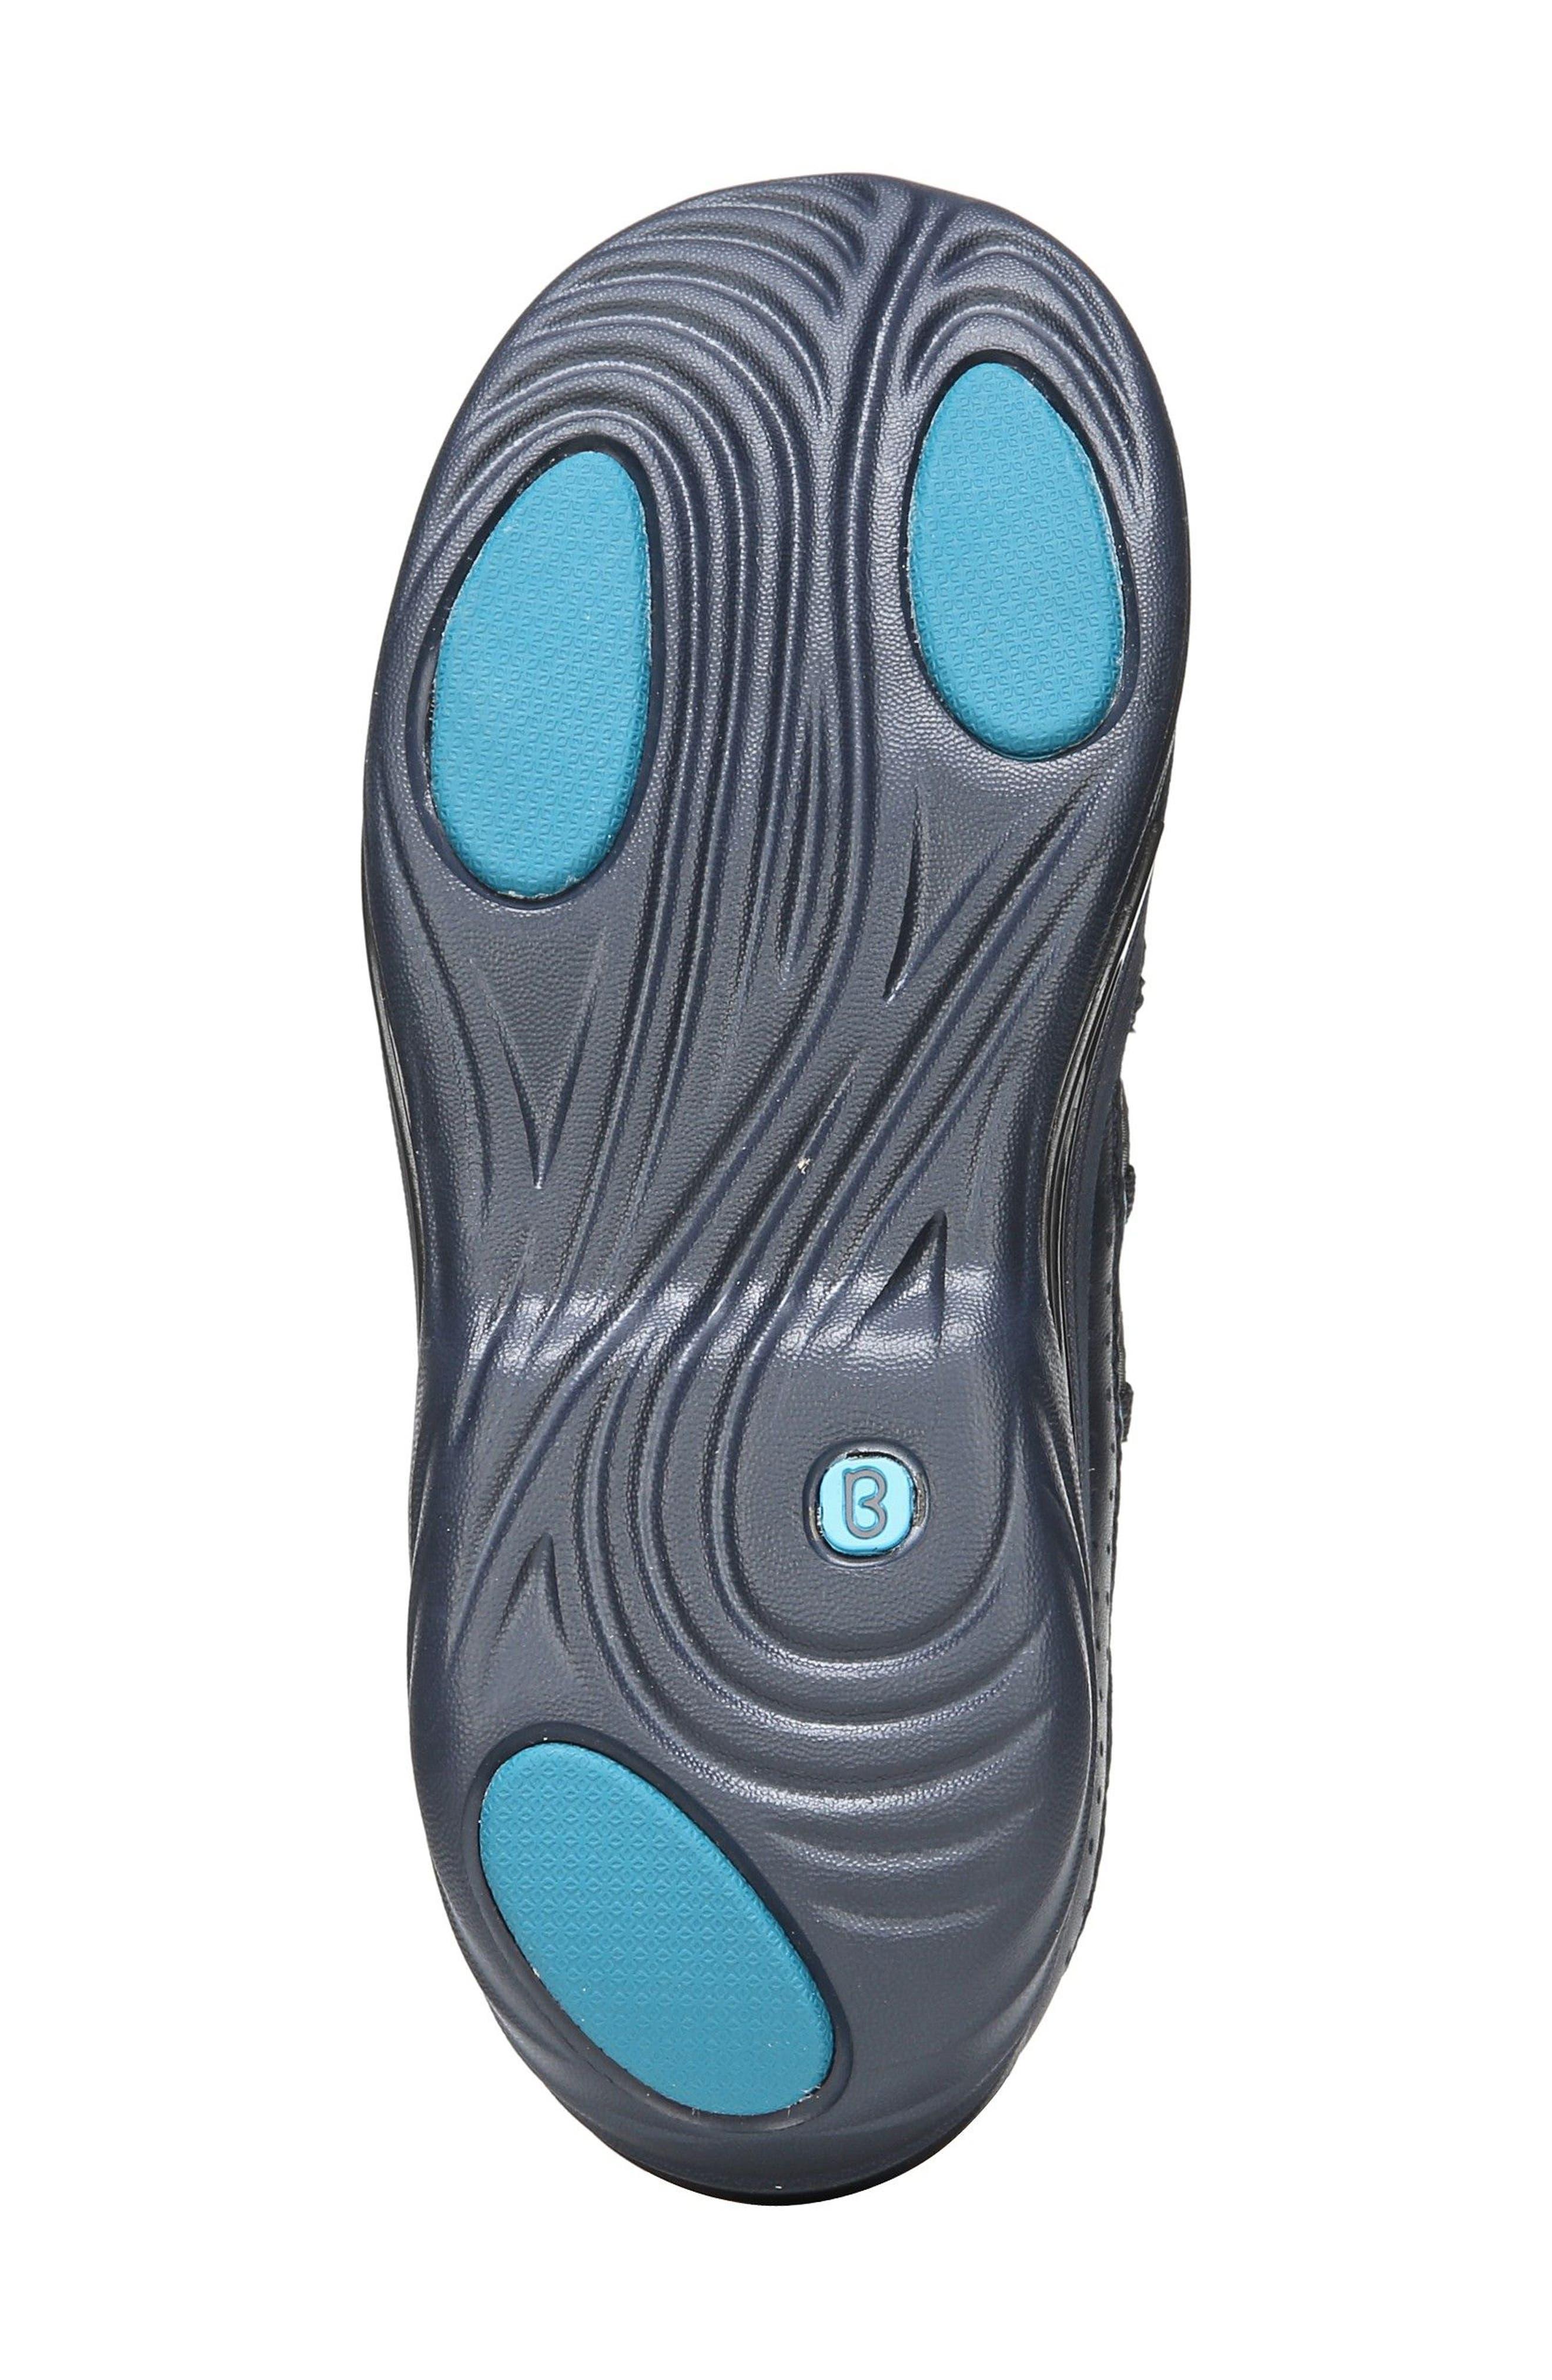 Pisces Slip-On Sneaker,                             Alternate thumbnail 6, color,                             NAVY